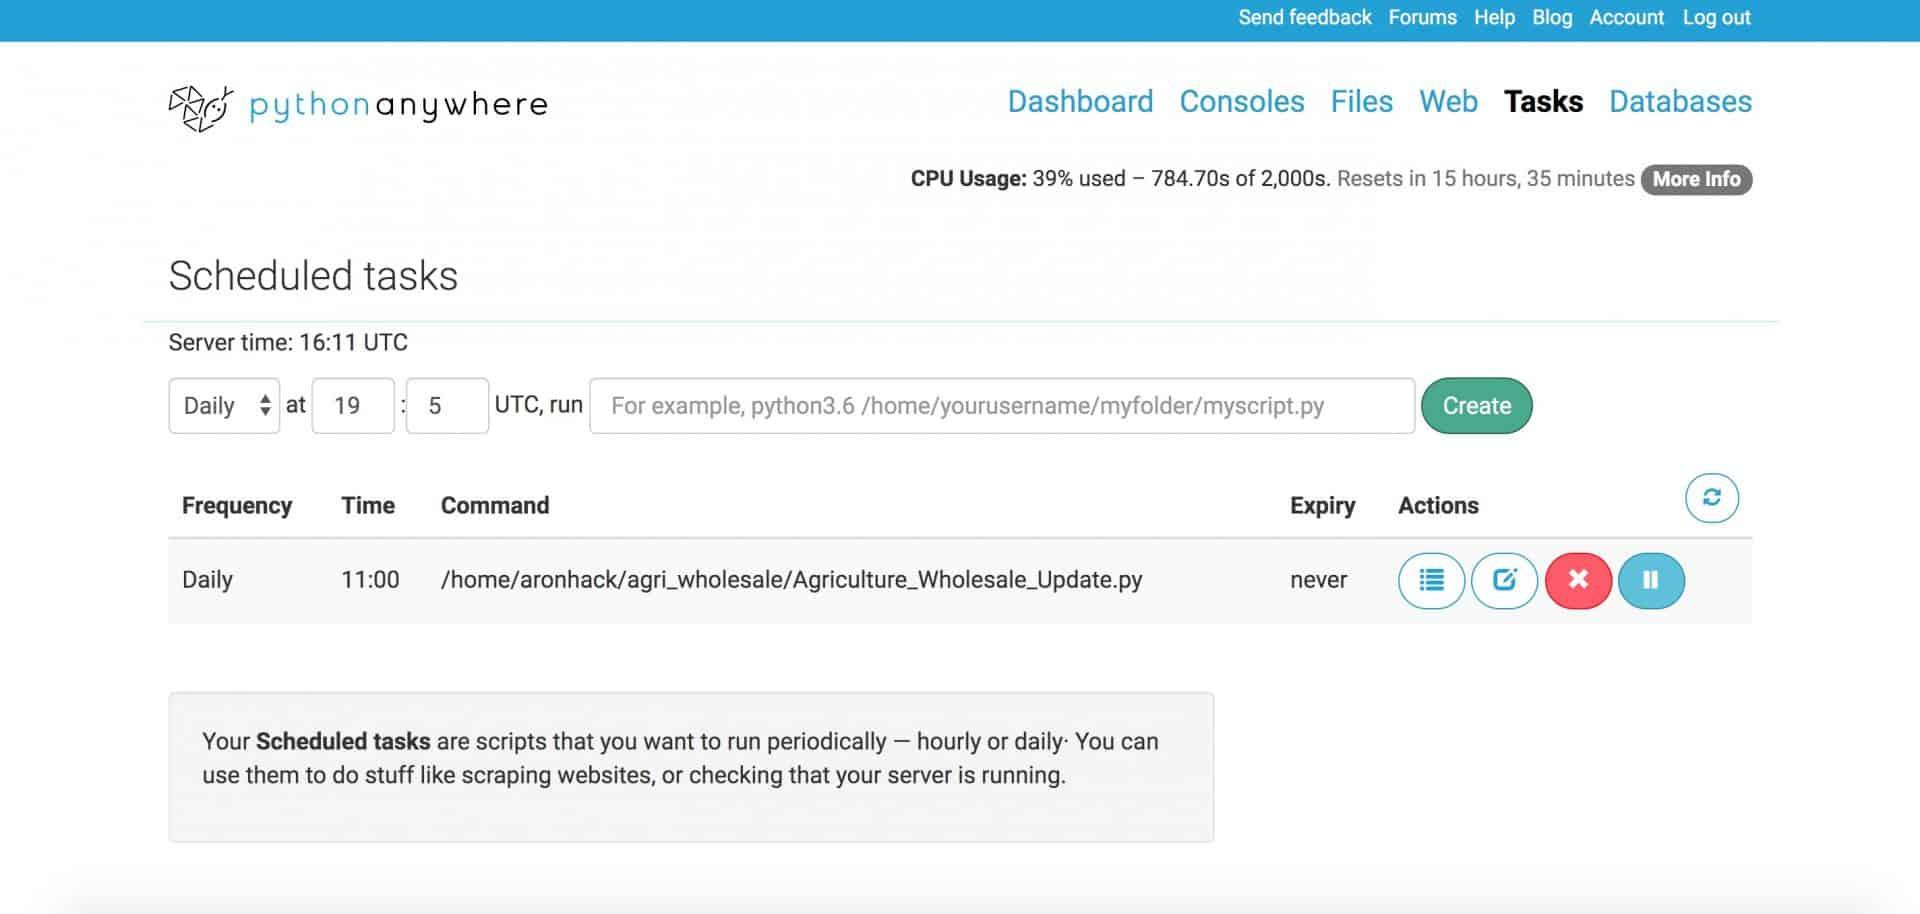 pythonanywhere - Task Update Database failed